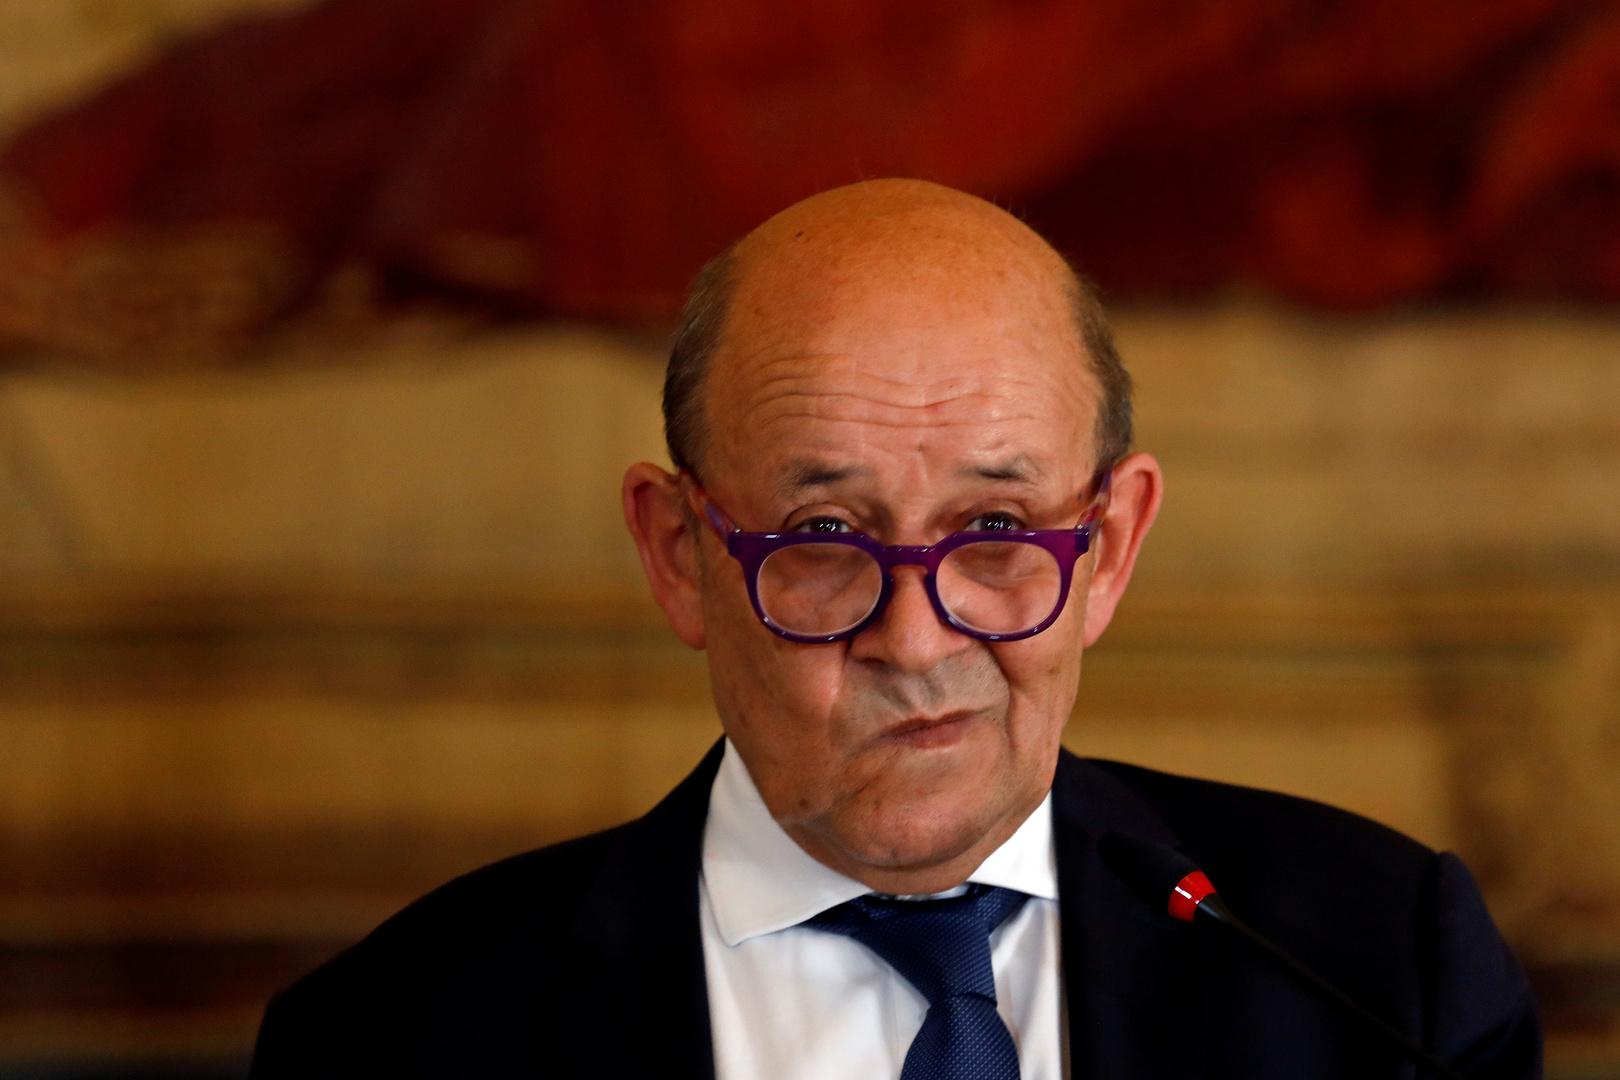 فرنسا تدعو إيران لاتخاذ موقف بناء قبيل استئناف المشاورات النووية في فيينا